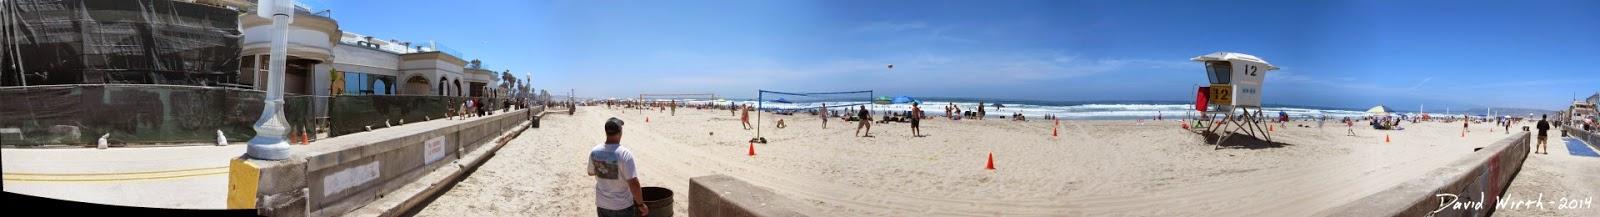 mission beach california, beach view